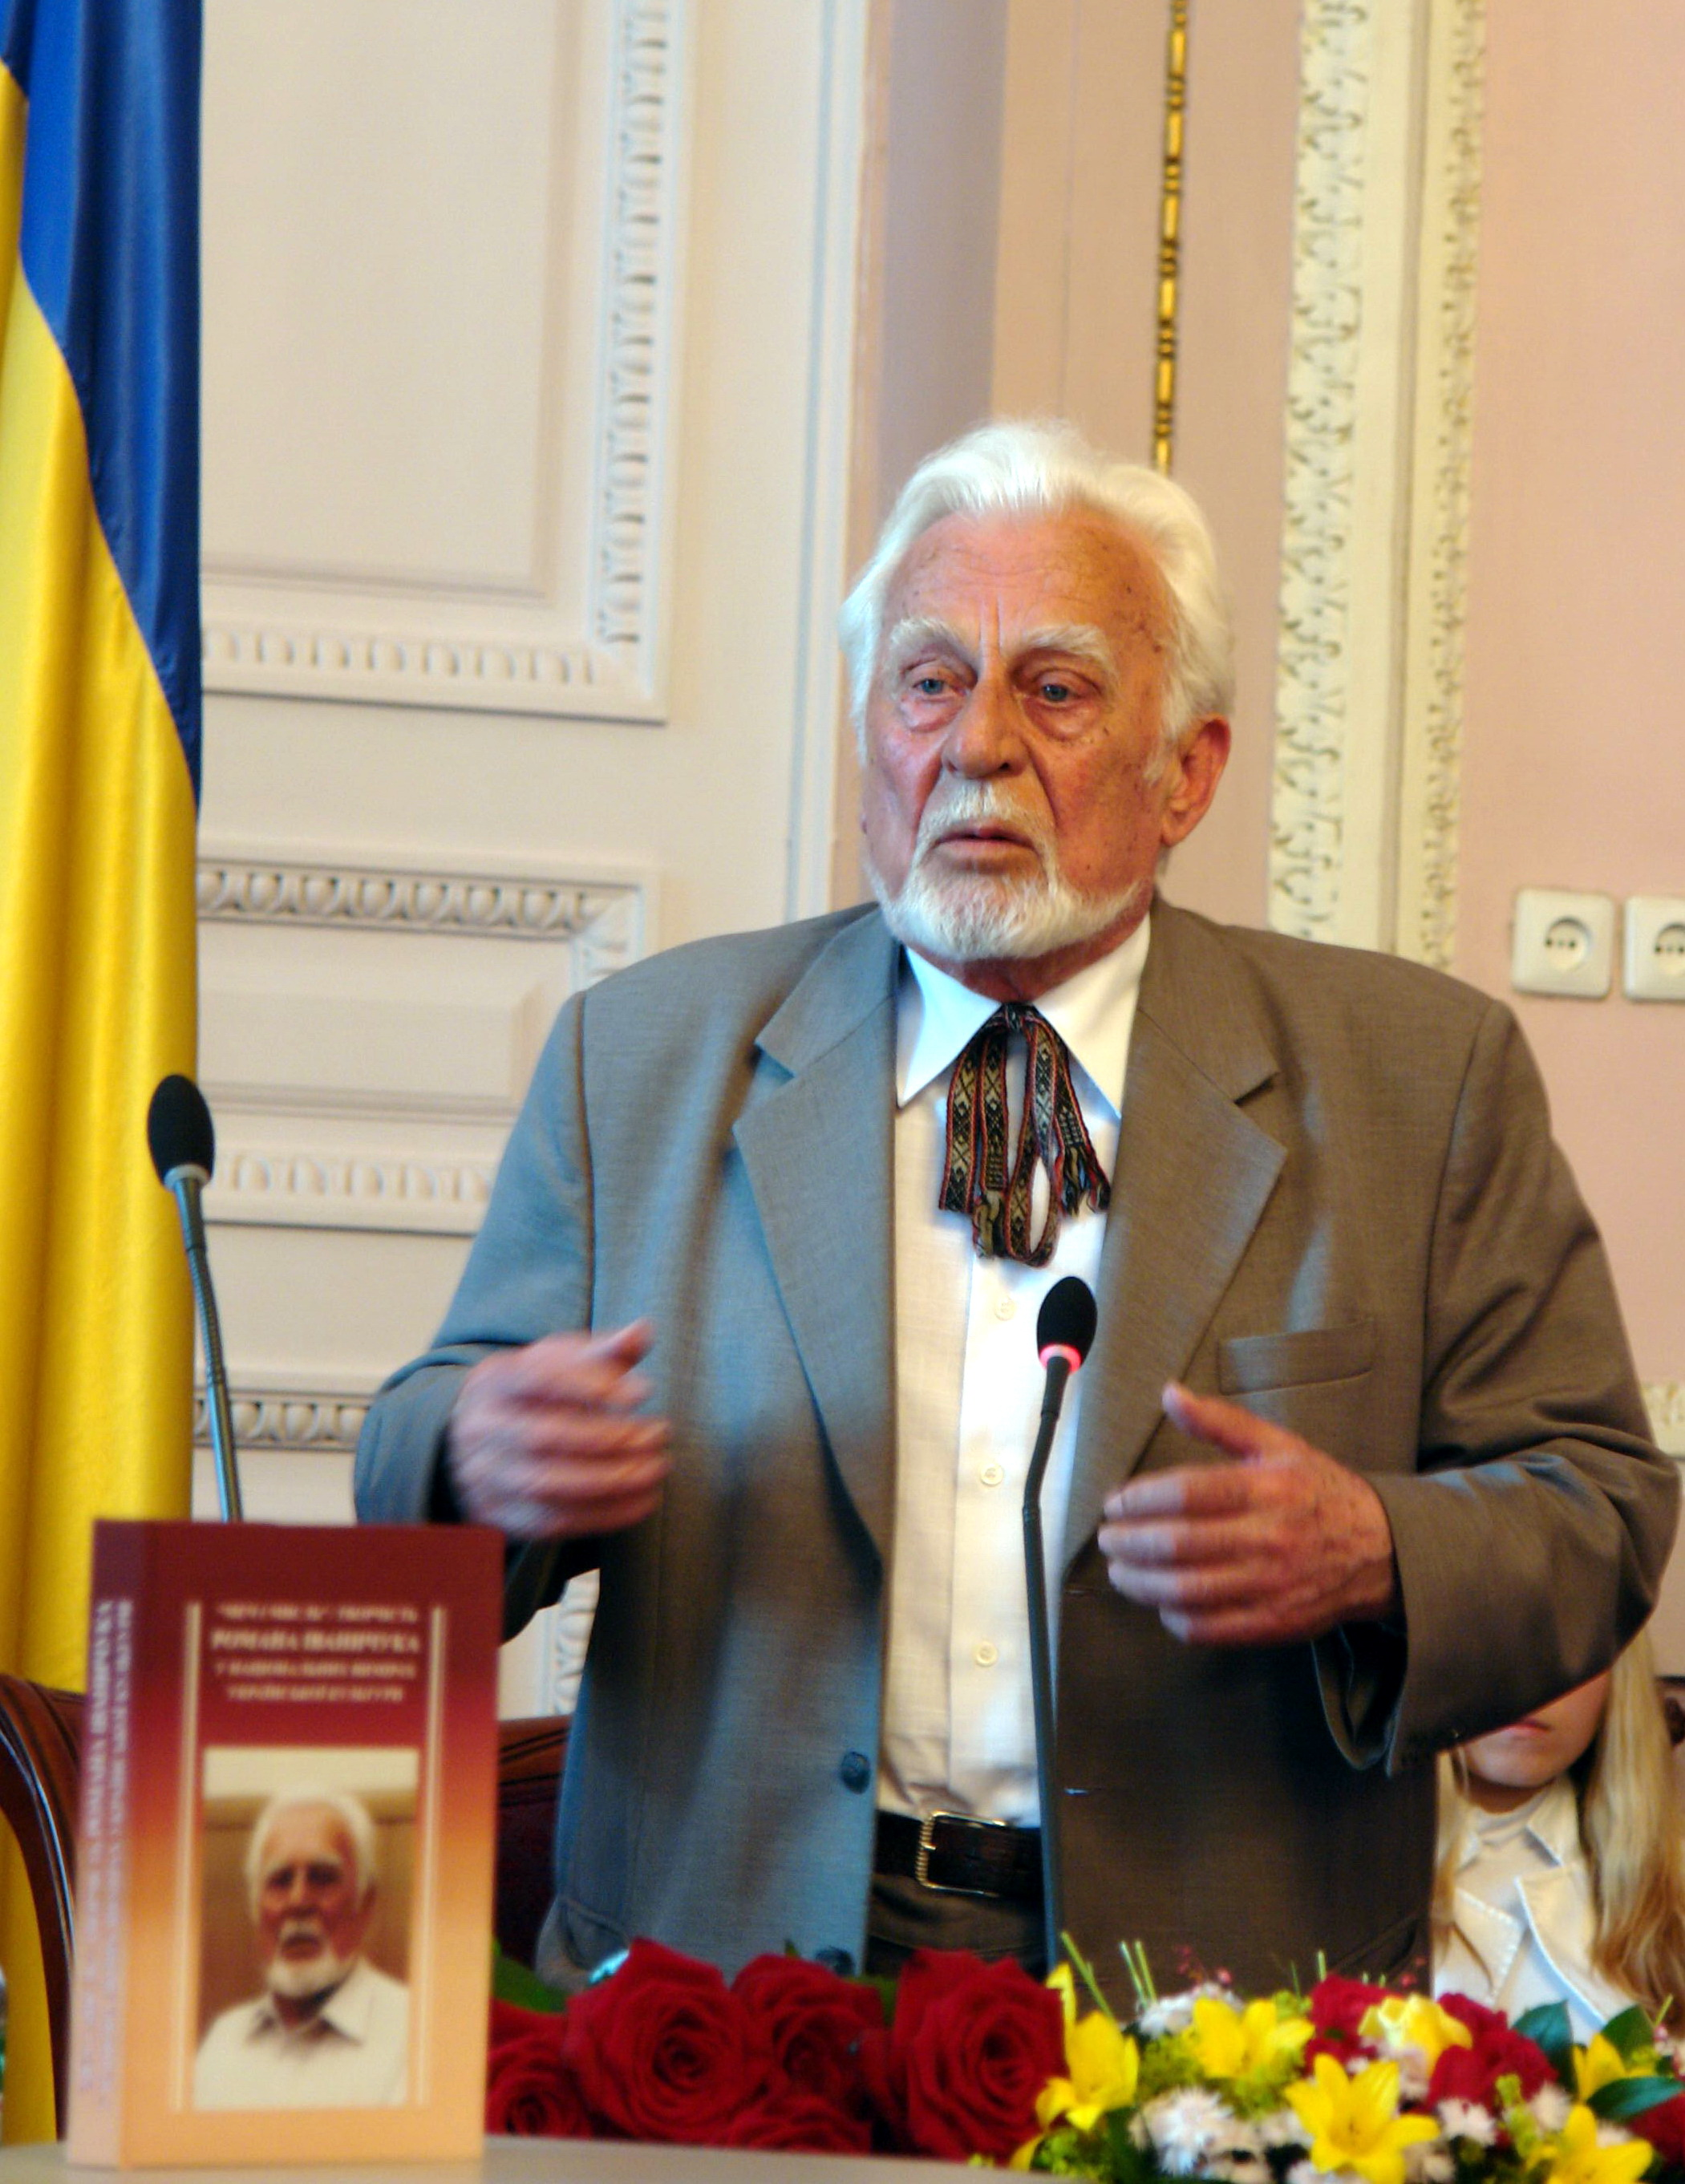 Помер український письменник Іваничук